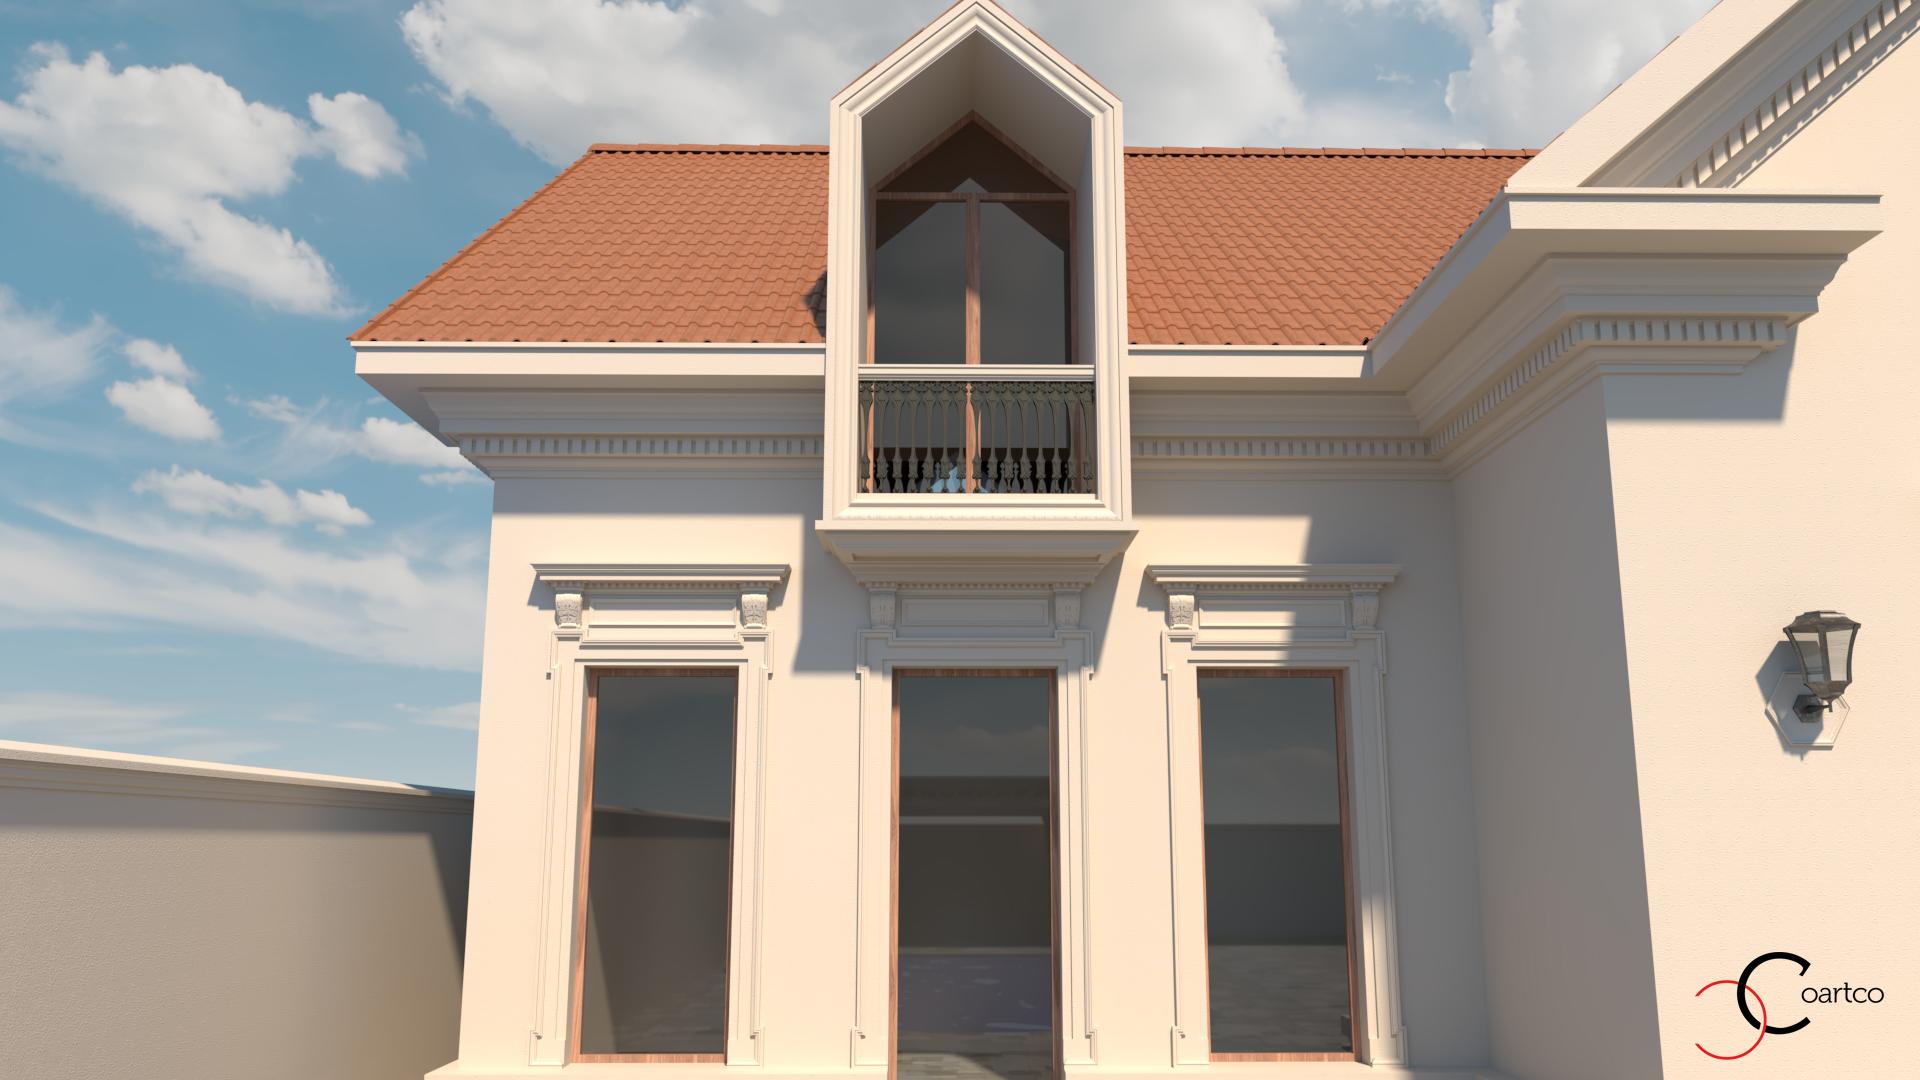 ferestre-usa-si-balcon-decorative-cu-ornamente-din-polistiren